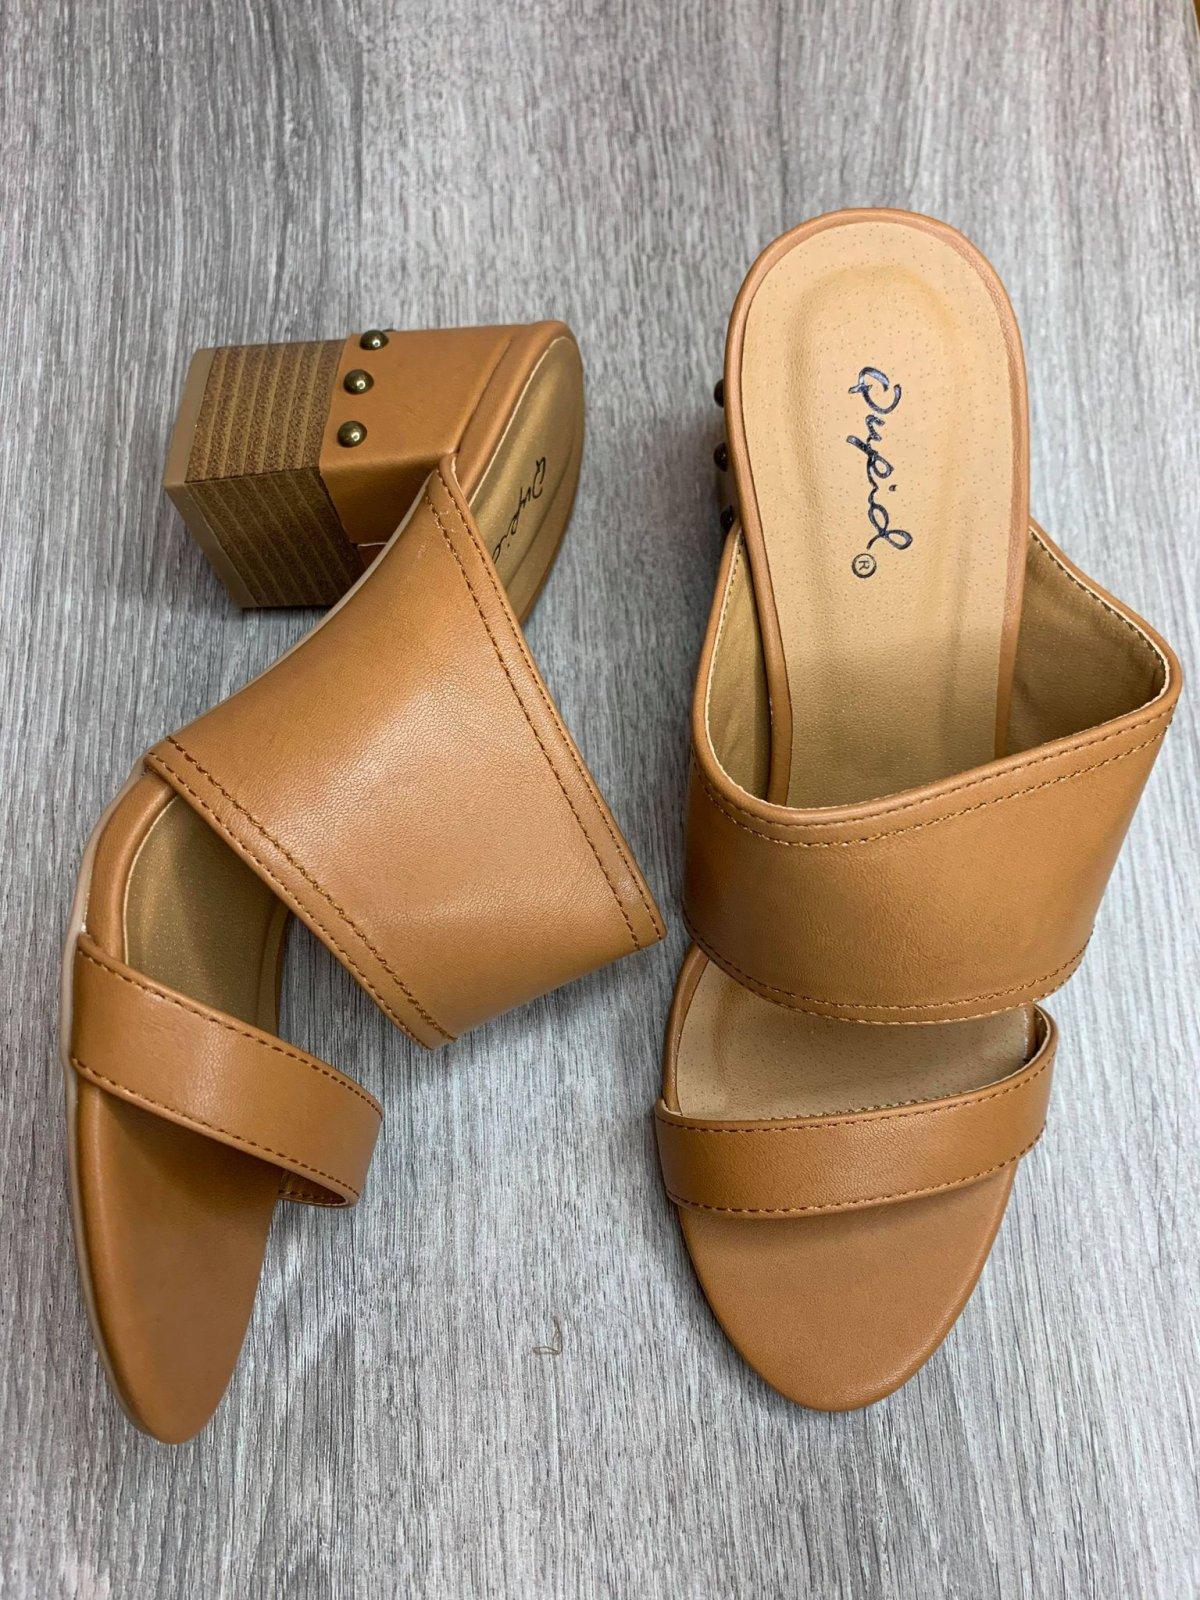 2 Straps w/ studded heel